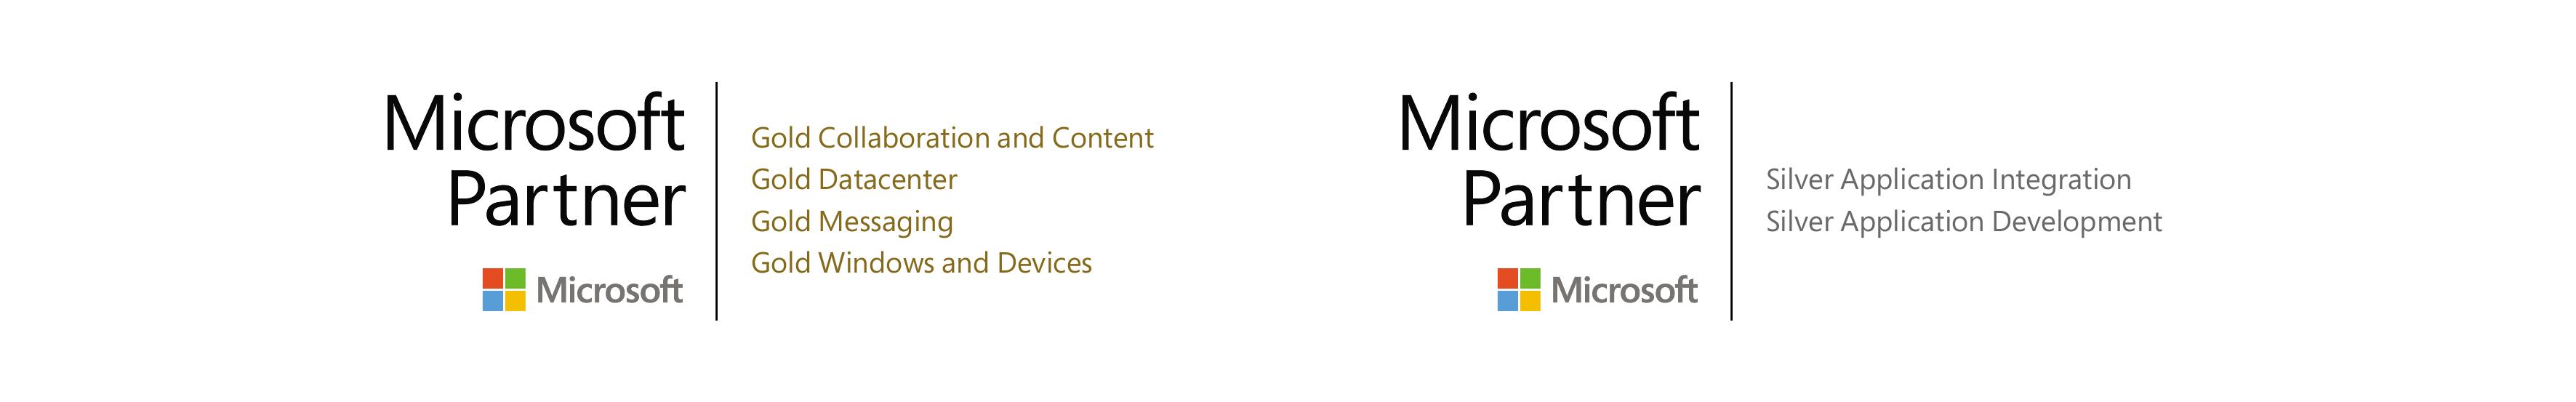 Microsoft Partner Network Logo, MPN Logo, MPN Competencies, 2017